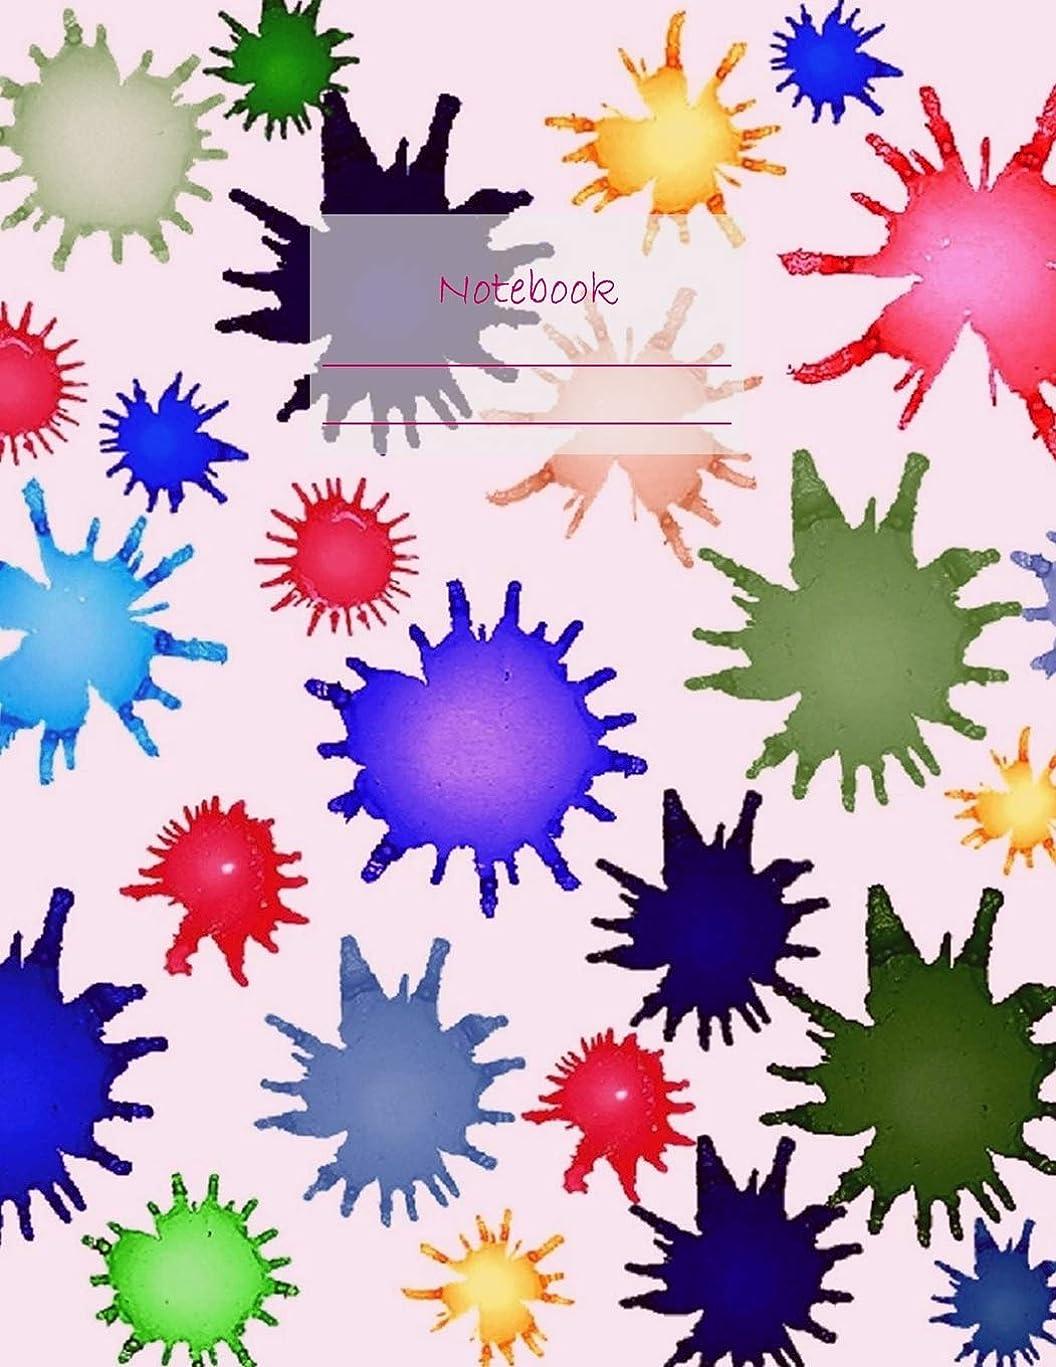 キャンペーン寸前タイムリーなNotebook: Large notebook with 120 Lined pages. Wide ruled. Ideal for School notes, Journaling, Hand lettering, Calligraphy practice. Perfect gift. 8.5' x 11.0' (Large). (Paint splatter cover).